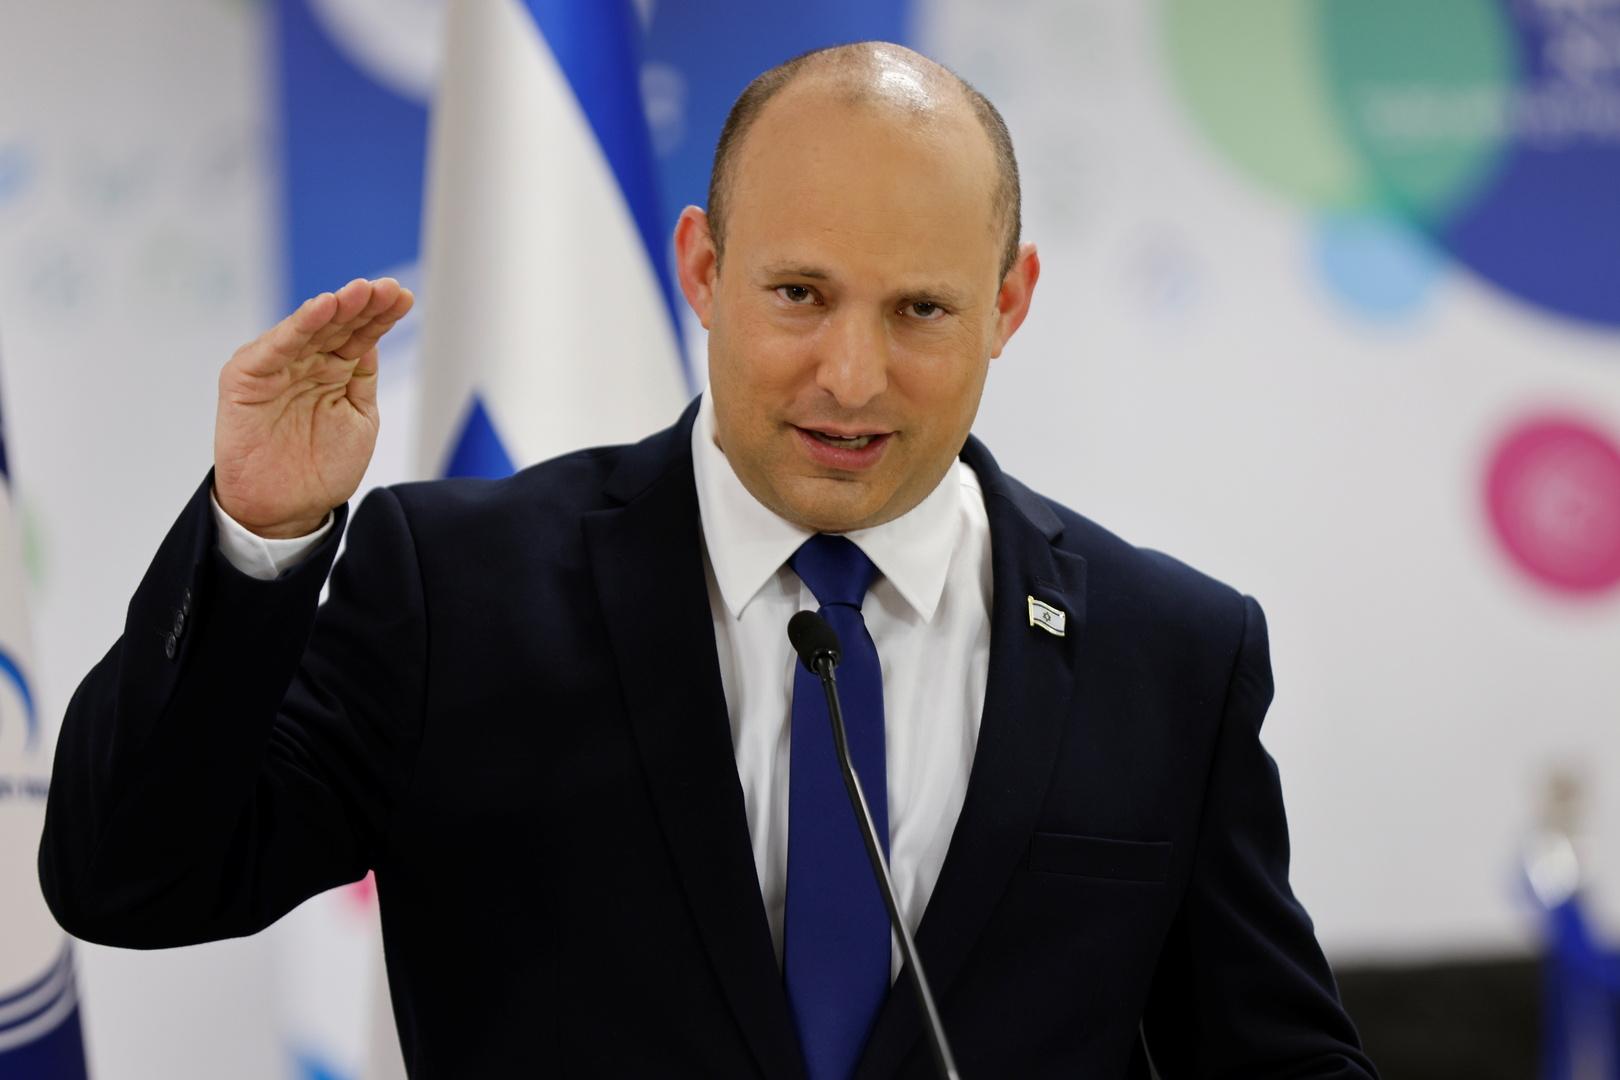 إسرائيل تصدق على بيع كمية مياه إضافية للأردن